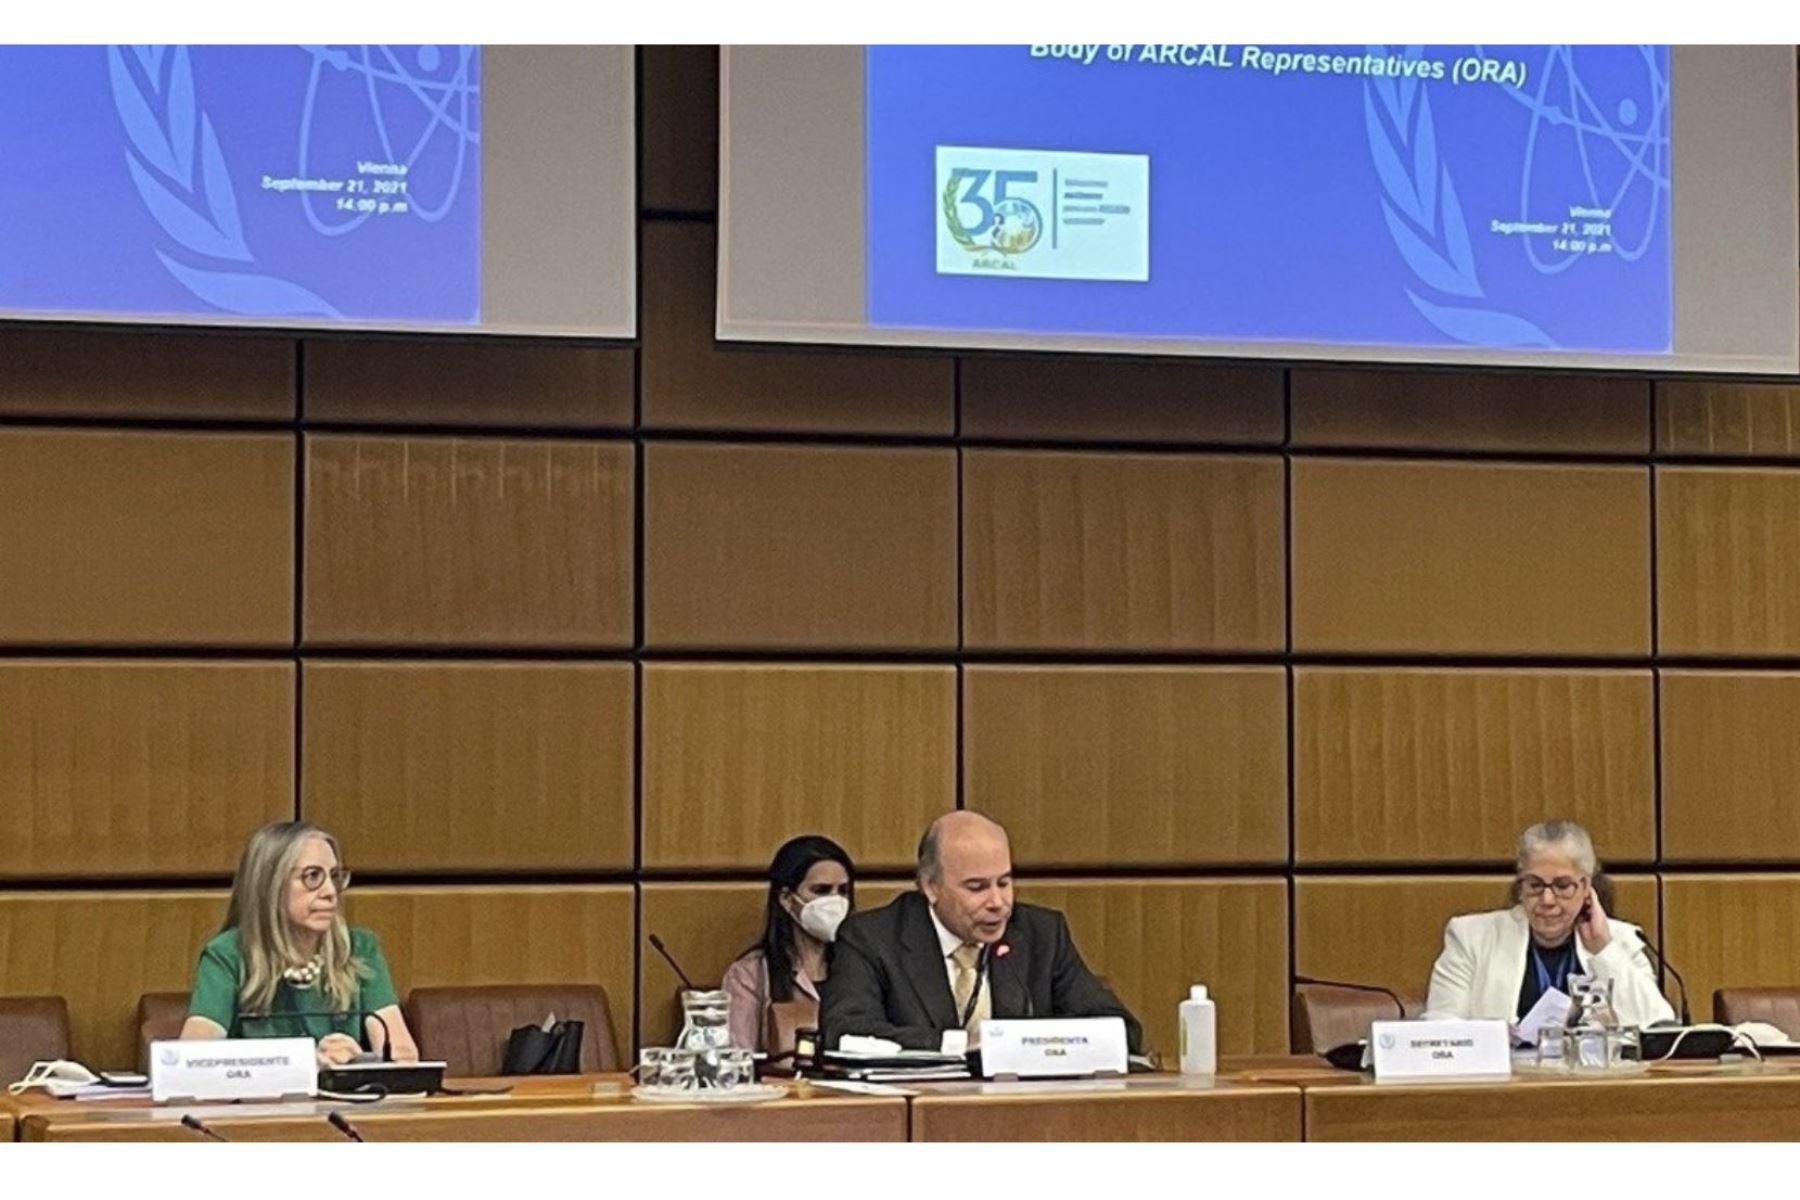 El Perú asumió la presidencia del Órgano de Representantes (ORA) del Acuerdo Regional de Cooperación para la Promoción de la Ciencia y la Tecnología Nucleares de América Latina y el Caribe (ARCAL)